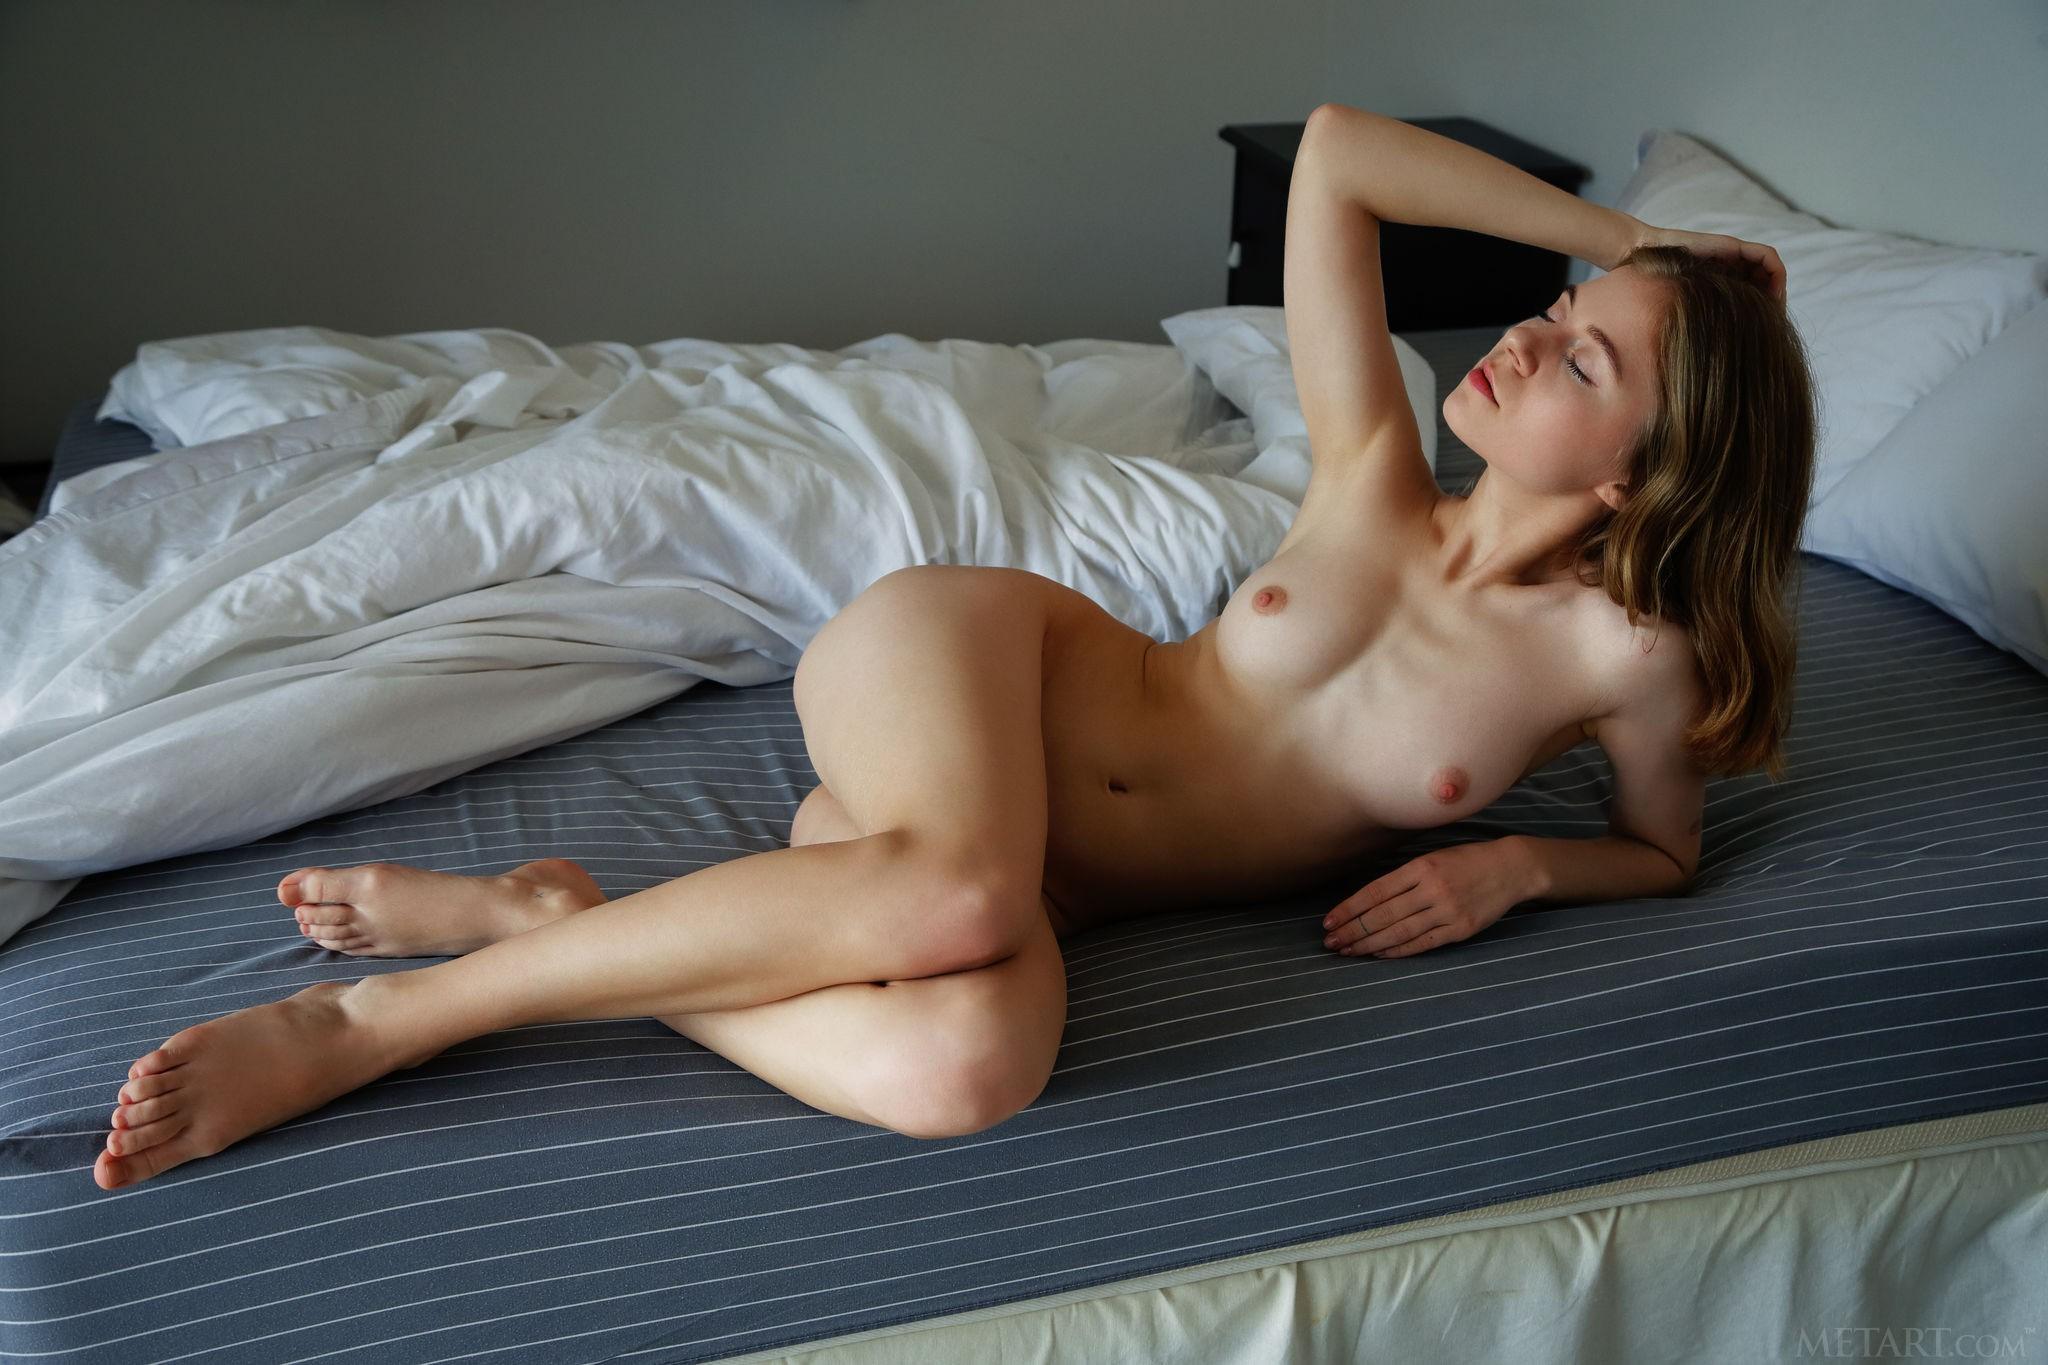 Молодая красотка разделась в постели - фото